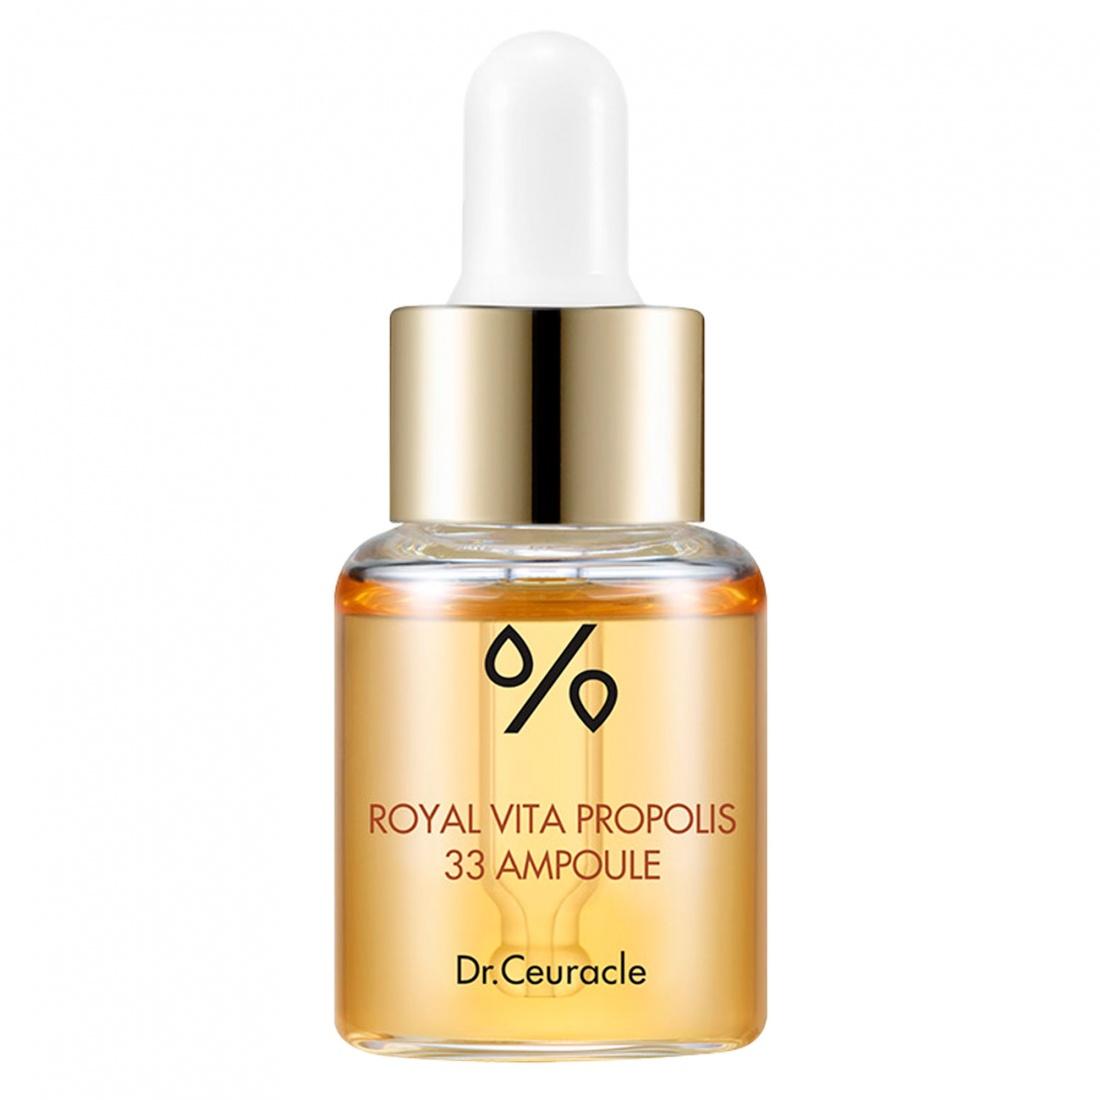 Dr. Ceuracle Royal Vita Propolis 33 Ampoule